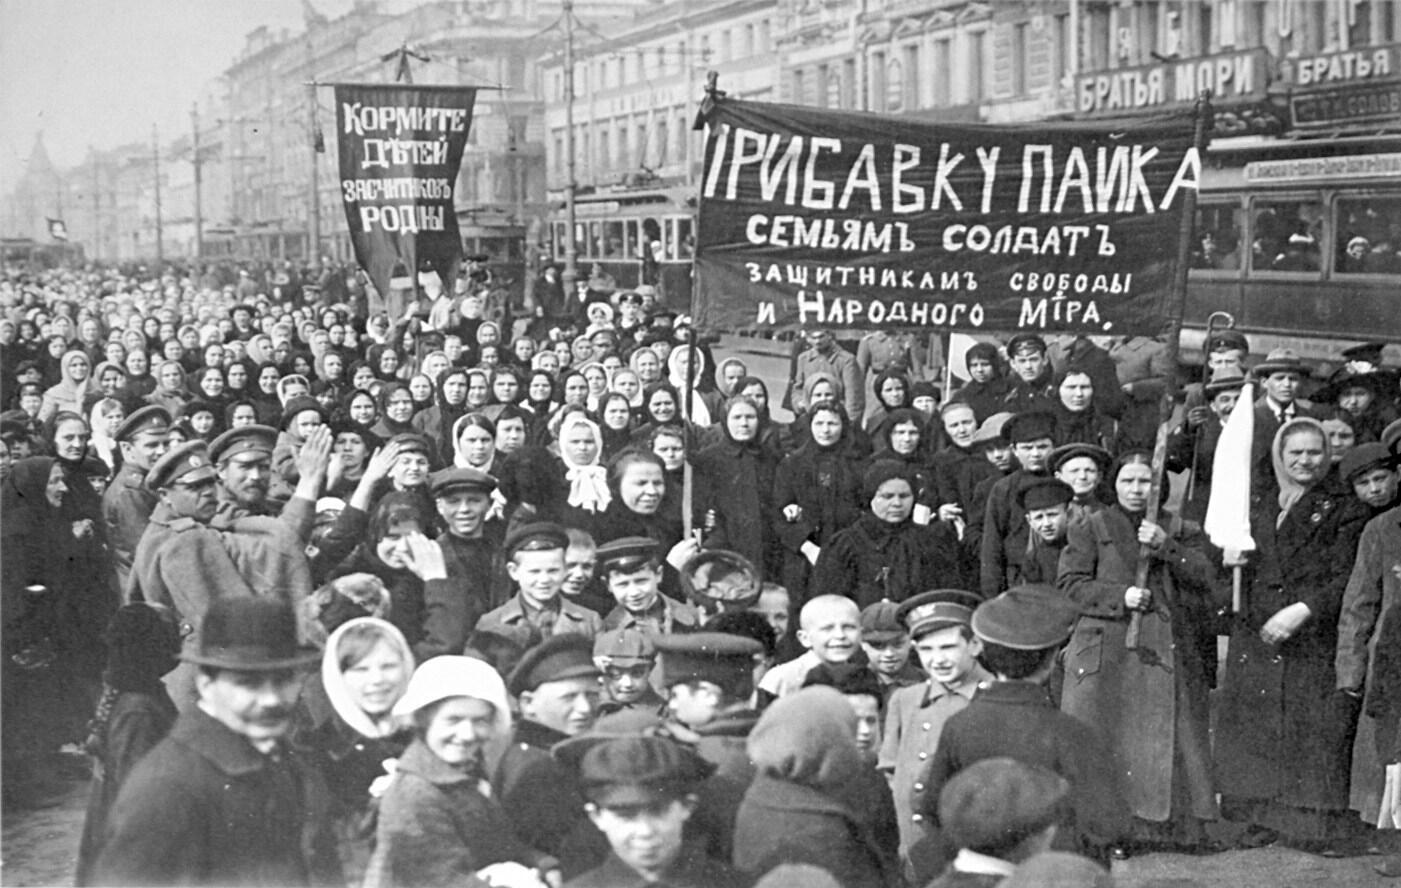 تظاهرات علیه حکومت تزاری در شهر پتروگراد در ماه فوریه ۱۹۱۷.